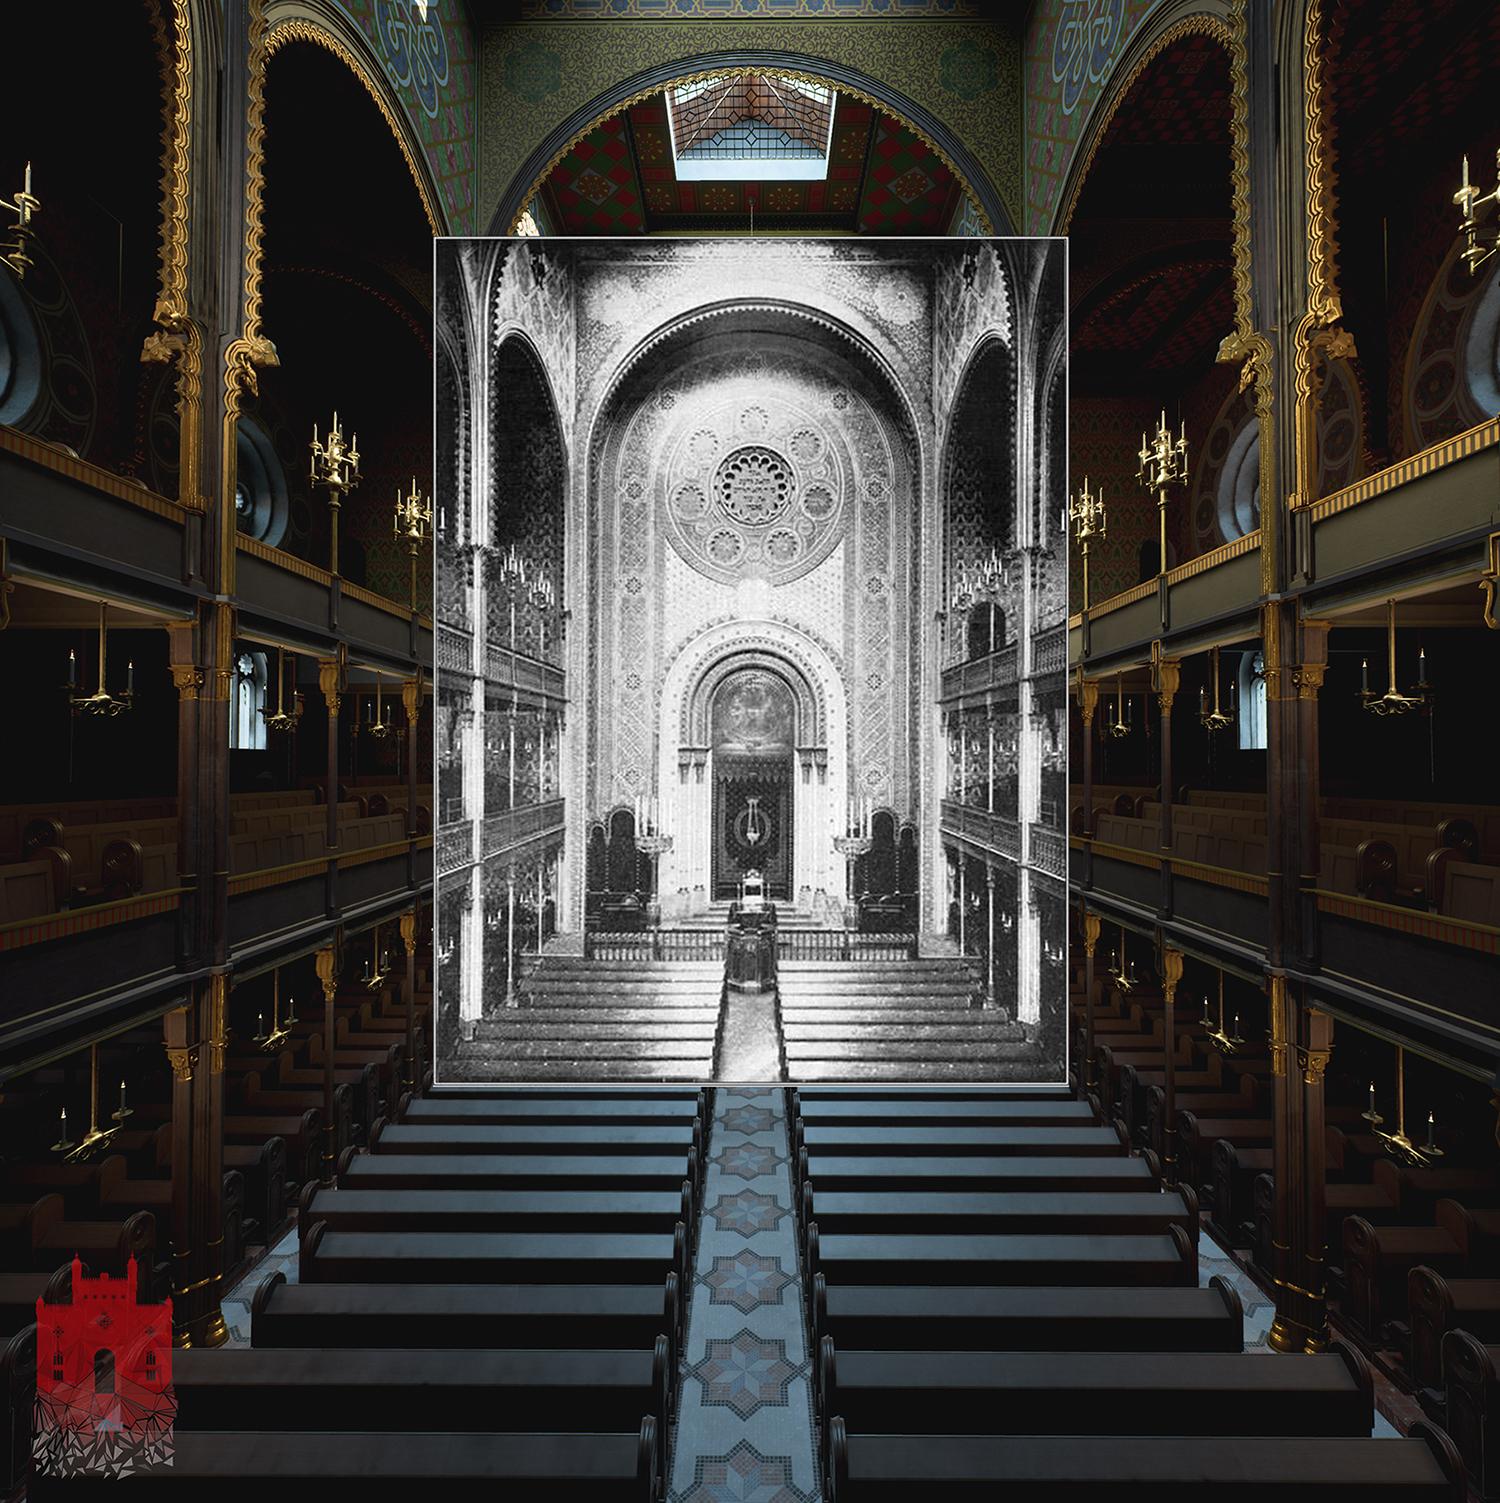 Eine Einfügung eines Originalfotos in die Echtzeitvisualisierung in der Unreal Engine